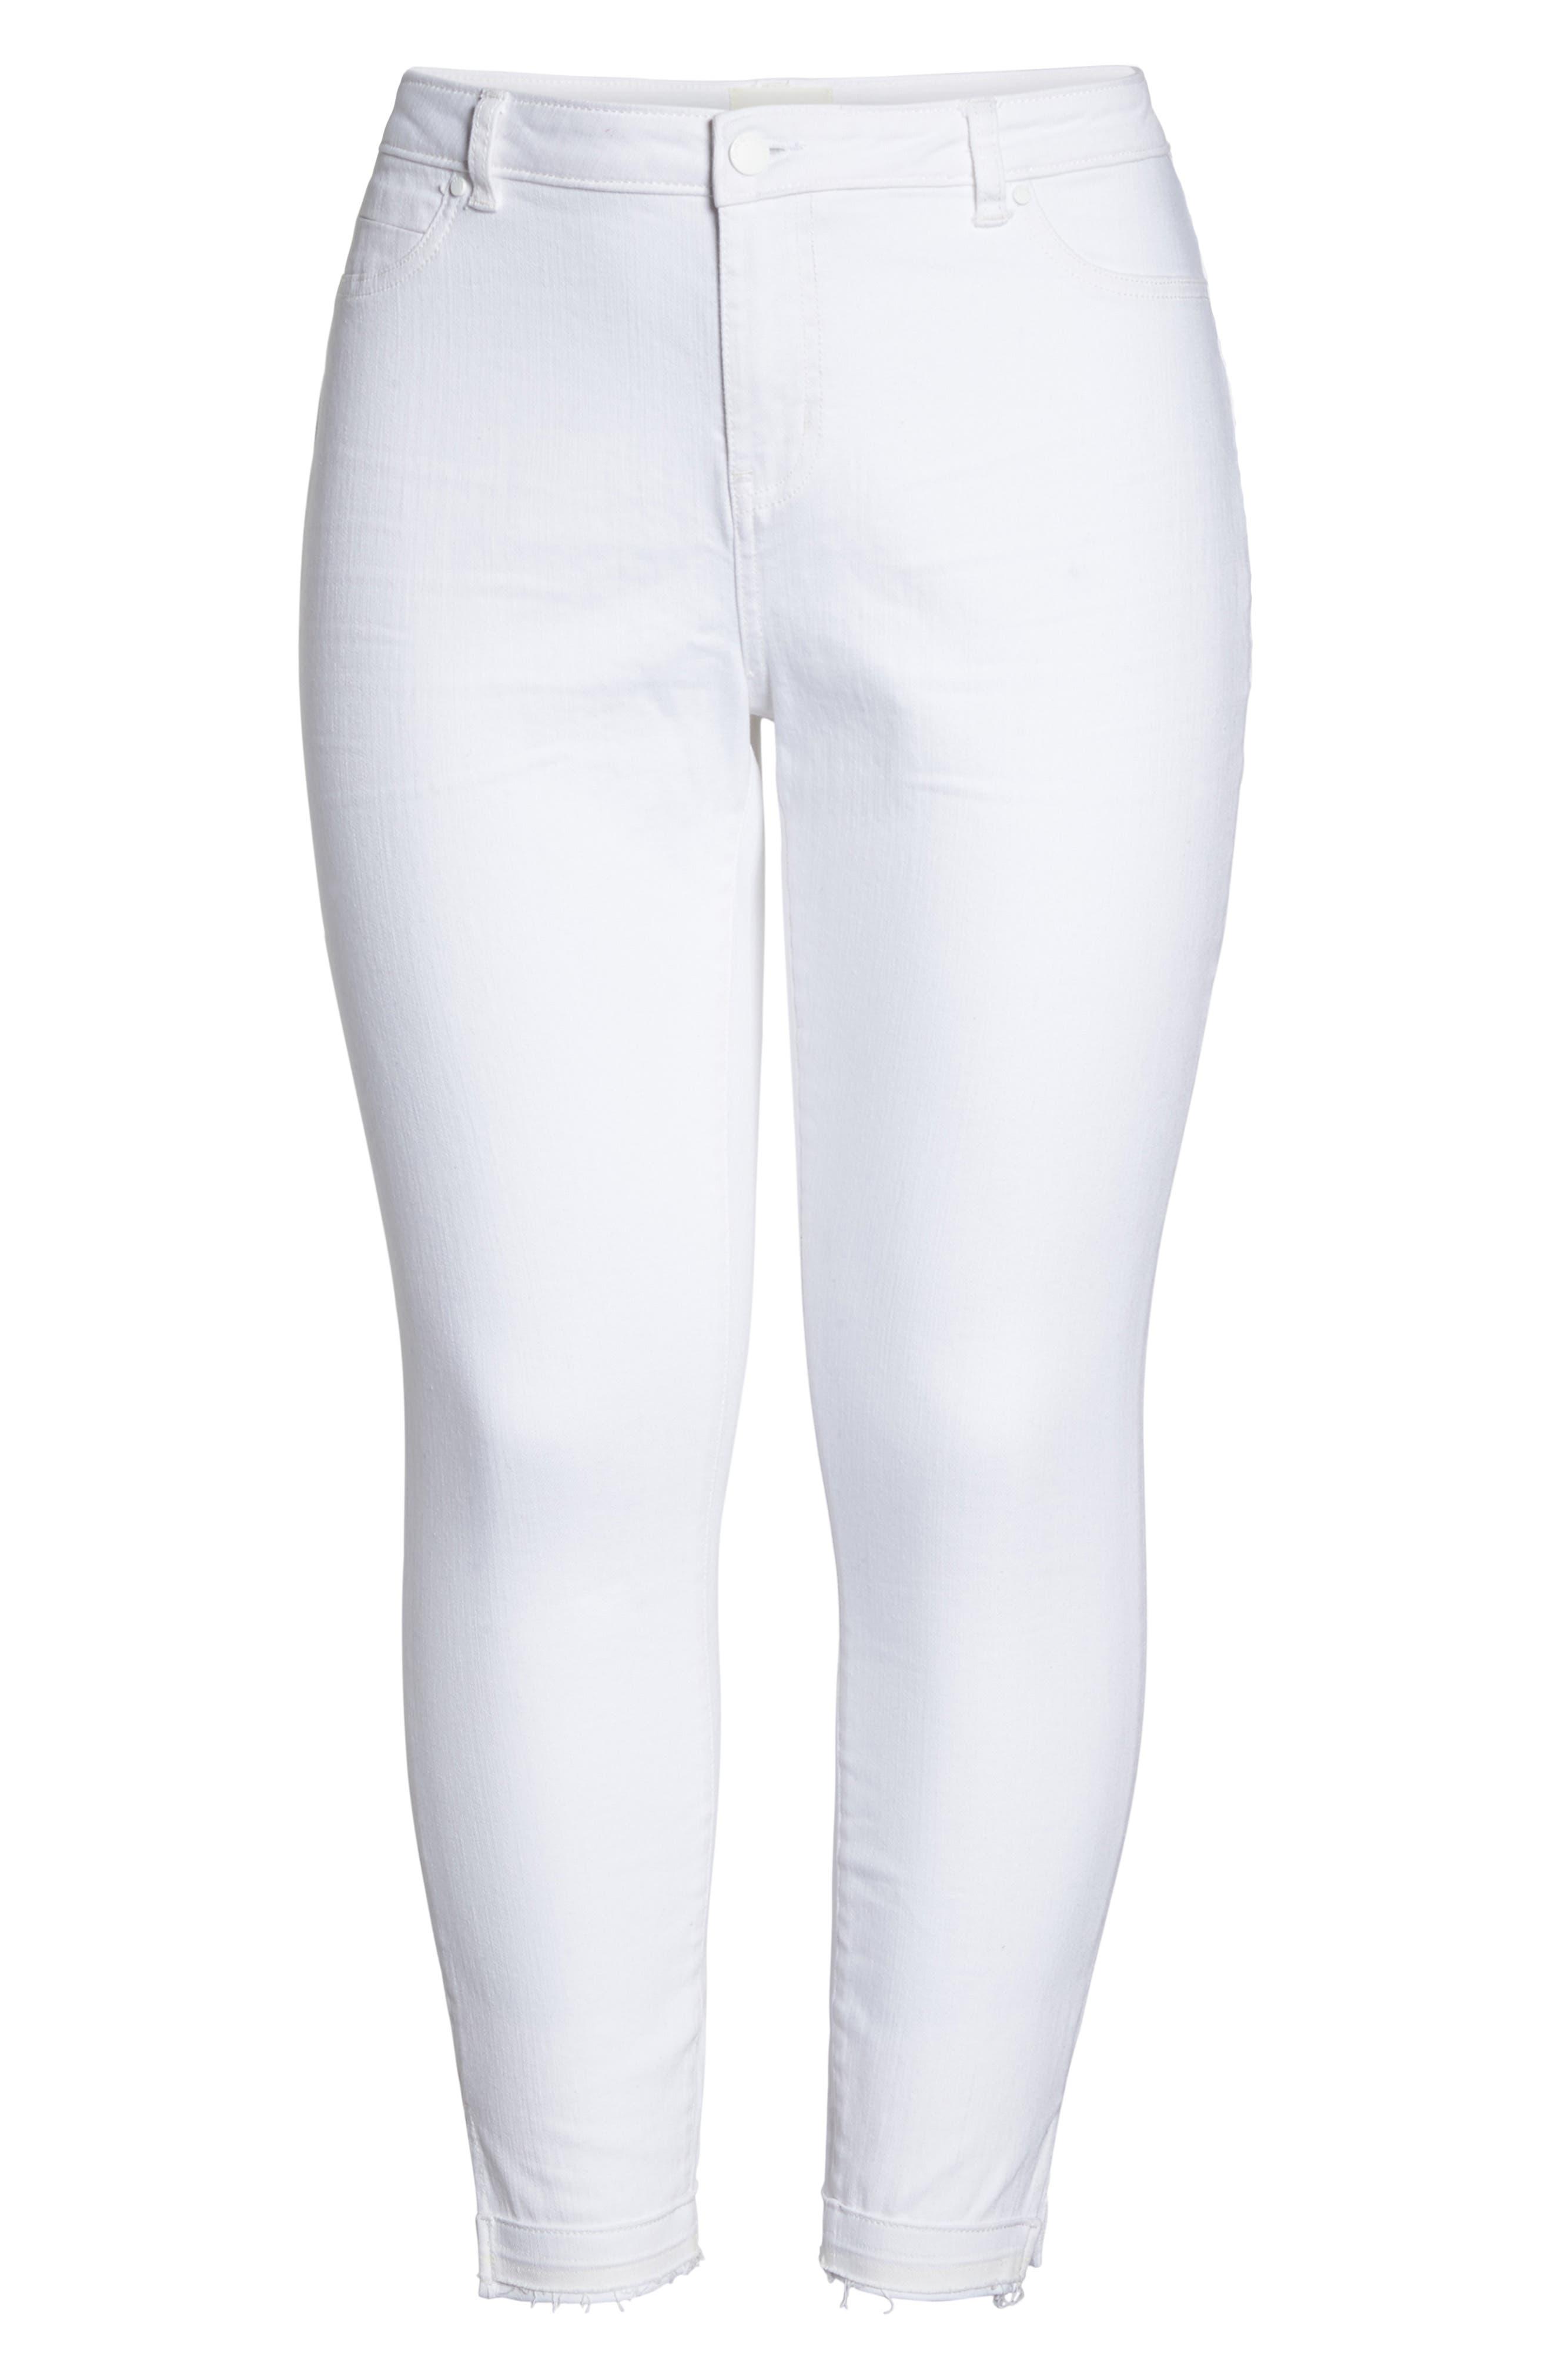 Release Hem Skinny Jeans,                             Alternate thumbnail 7, color,                             White